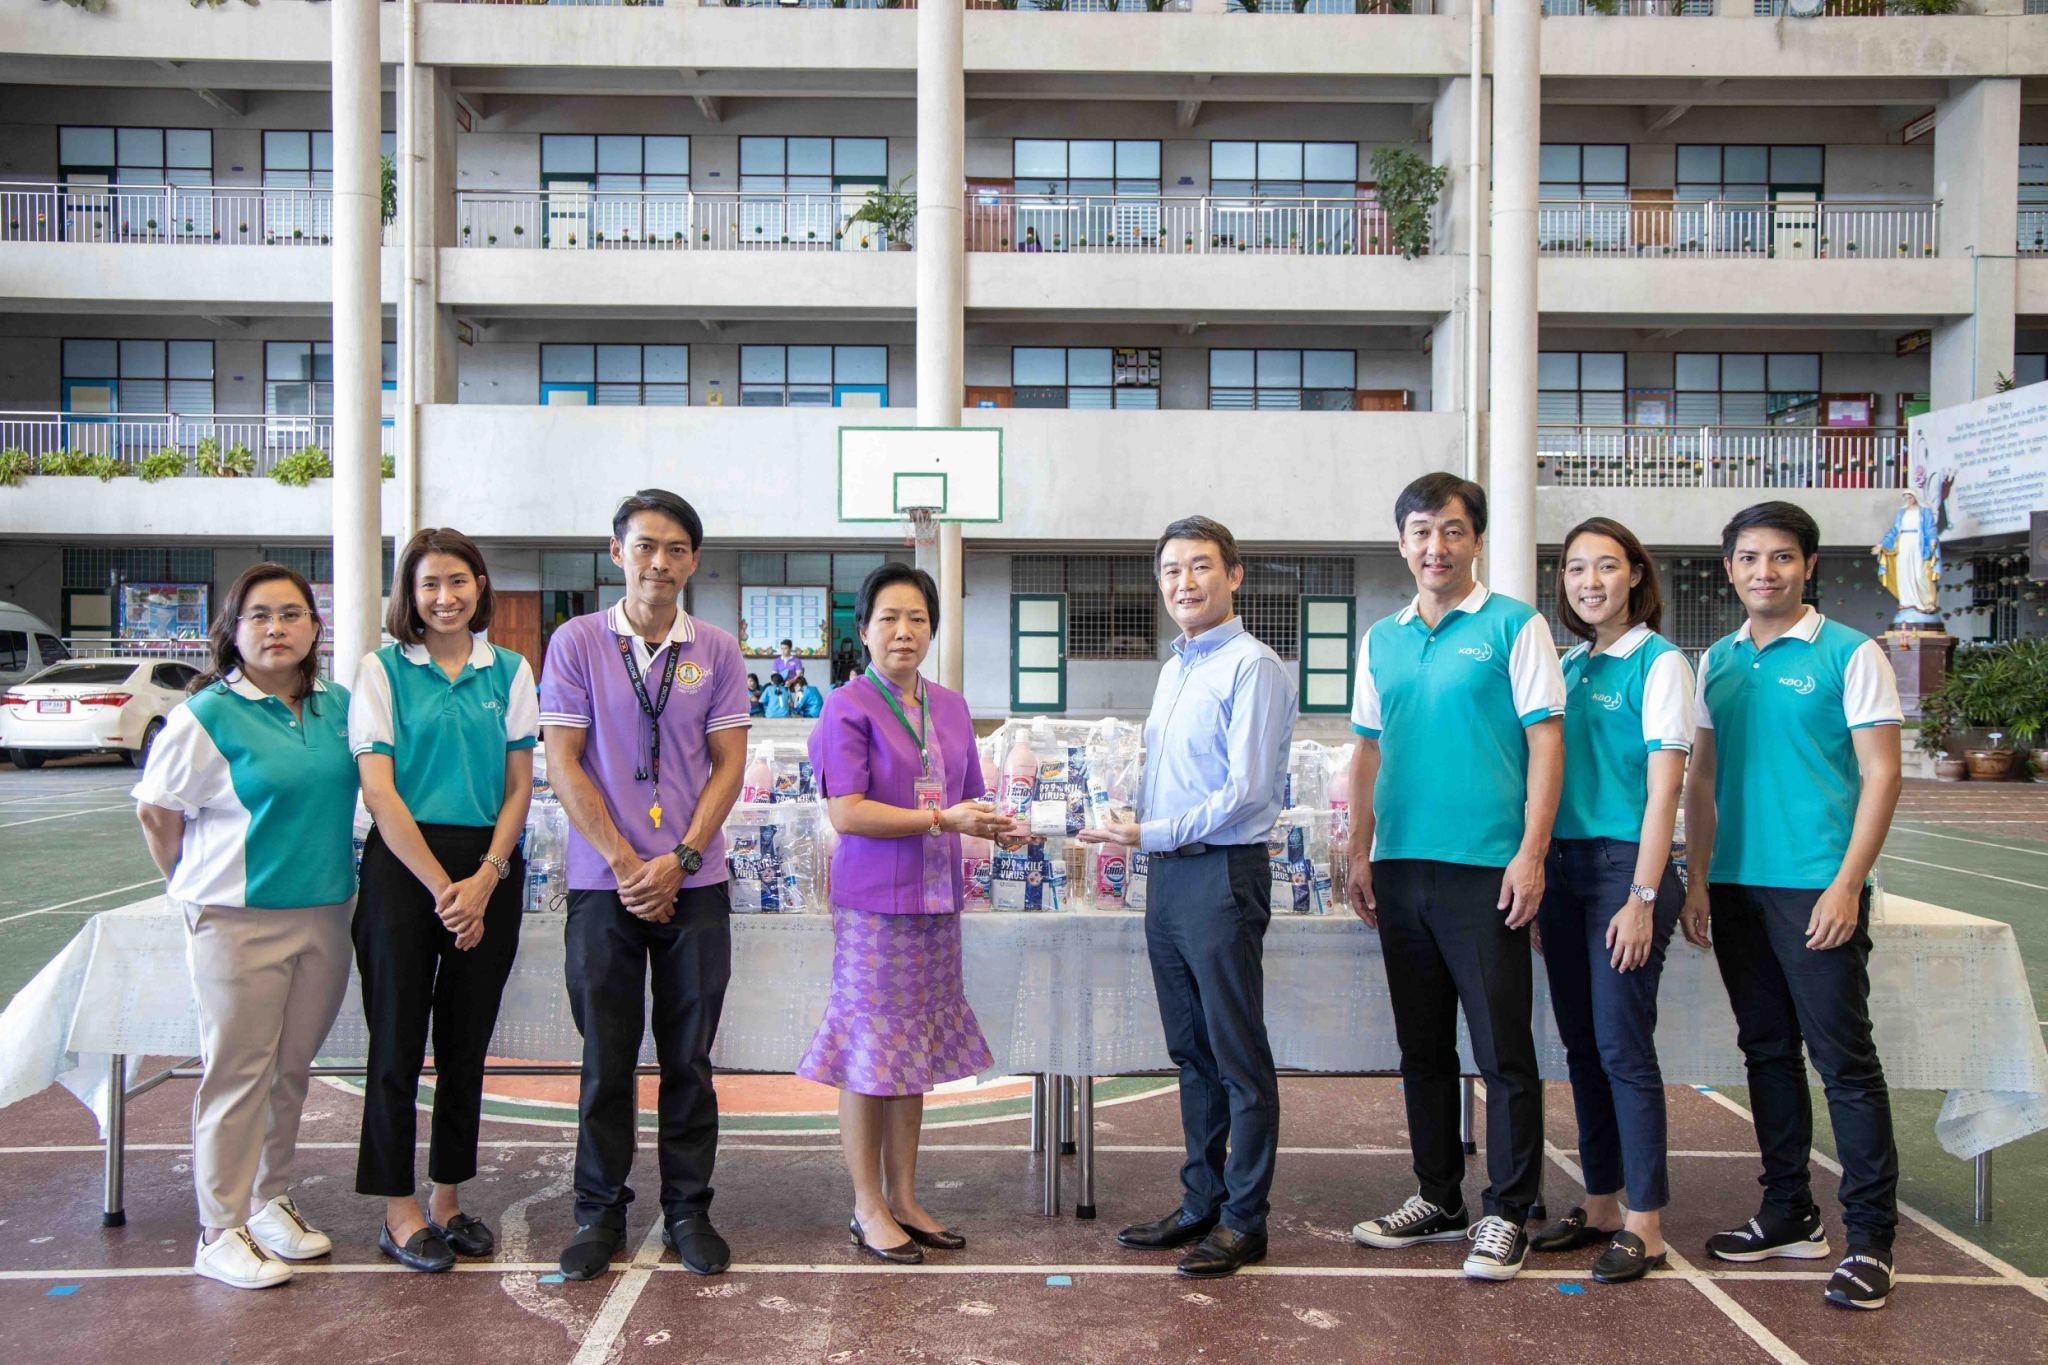 คาโอ พัฒนานวัตกรรมผงซักฟอกฆ่าไวรัสได้ 99.9% เพื่อสร้างสุขอนามัยที่ดีให้คนไทย พร้อมรับมือในช่วงสถานการณ์โควิด-19 สำนักพิมพ์แม่บ้าน